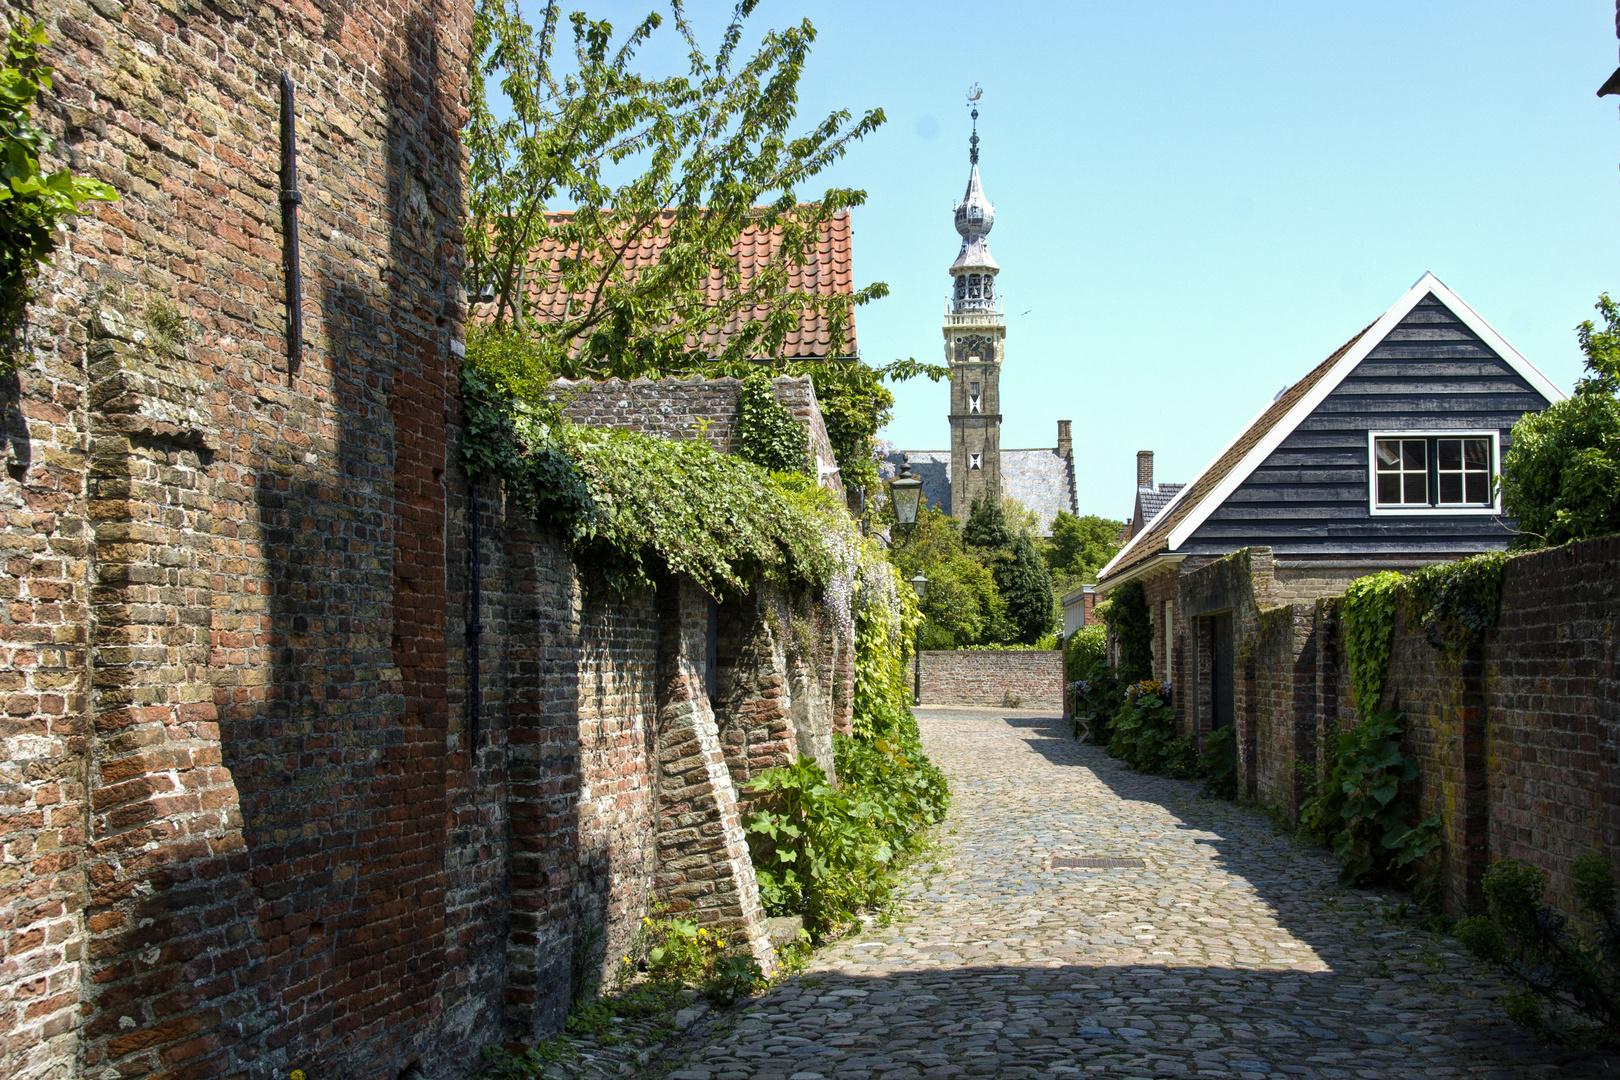 Veere - Simon Oomstraat - Town Hall